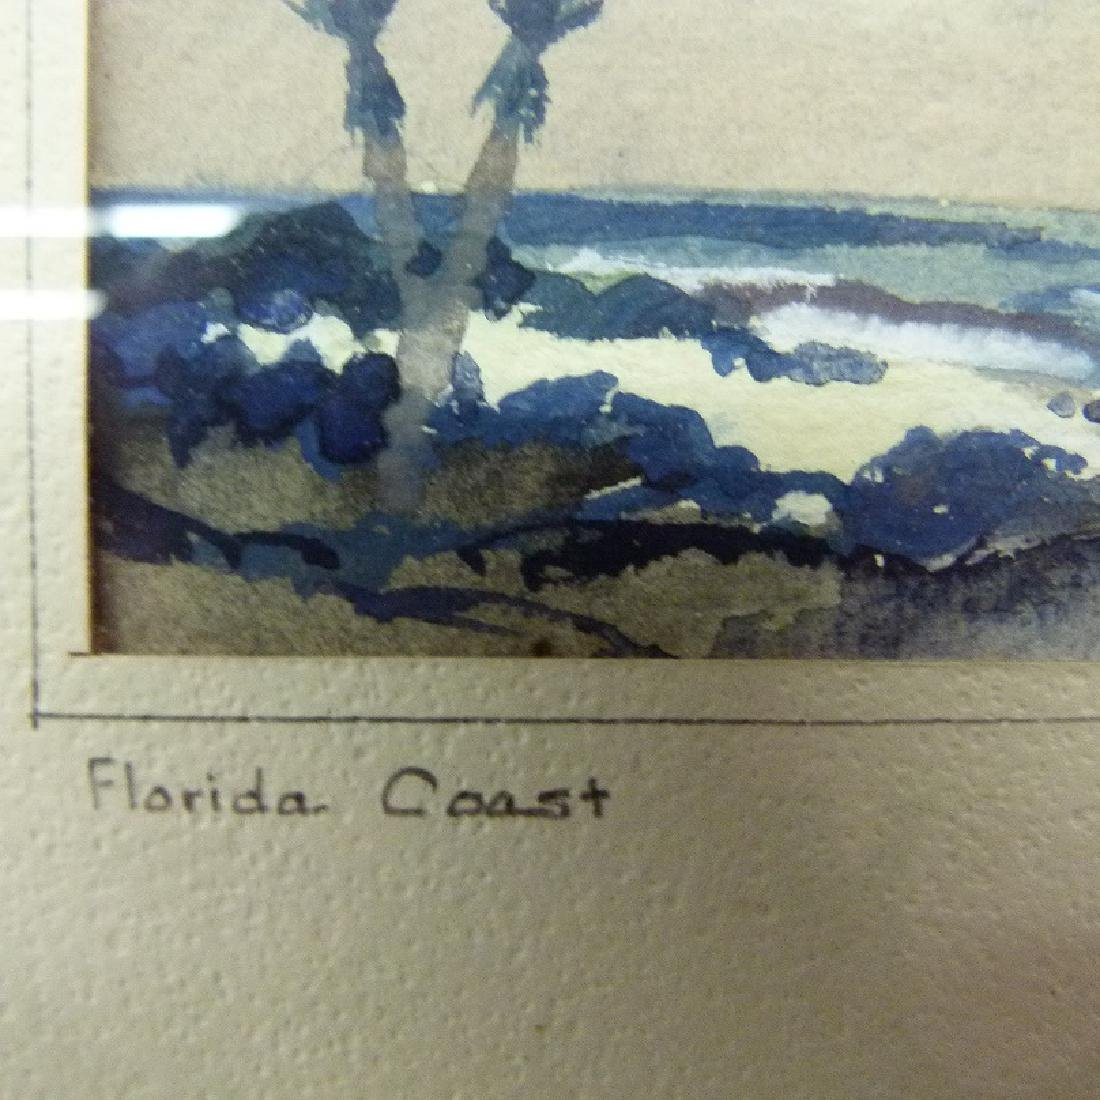 W/C FLORIDA COAST SIGNED JOHN C. HARE, 20TH C. - 4